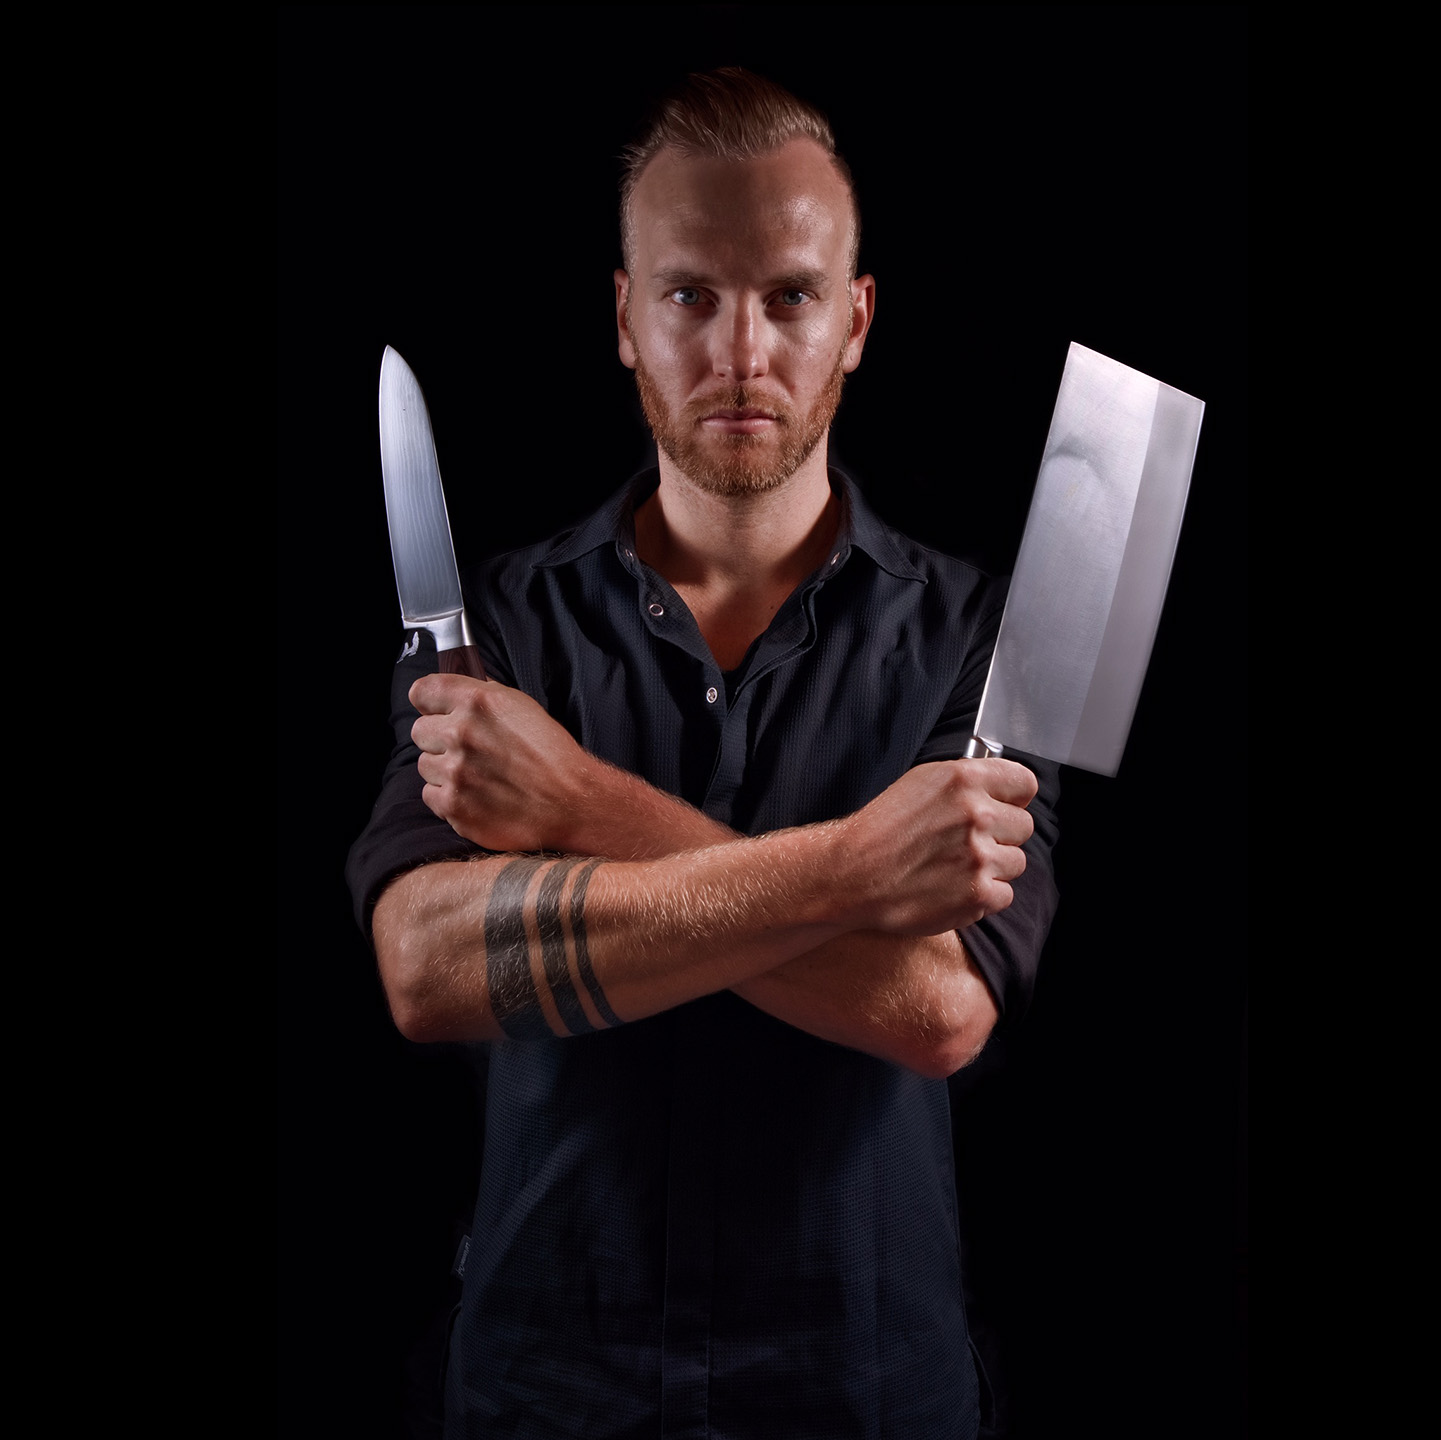 Cuisine-Lifestyle by Sascha Zellinger Portrait mit scharfen Küchenmesser und Beil